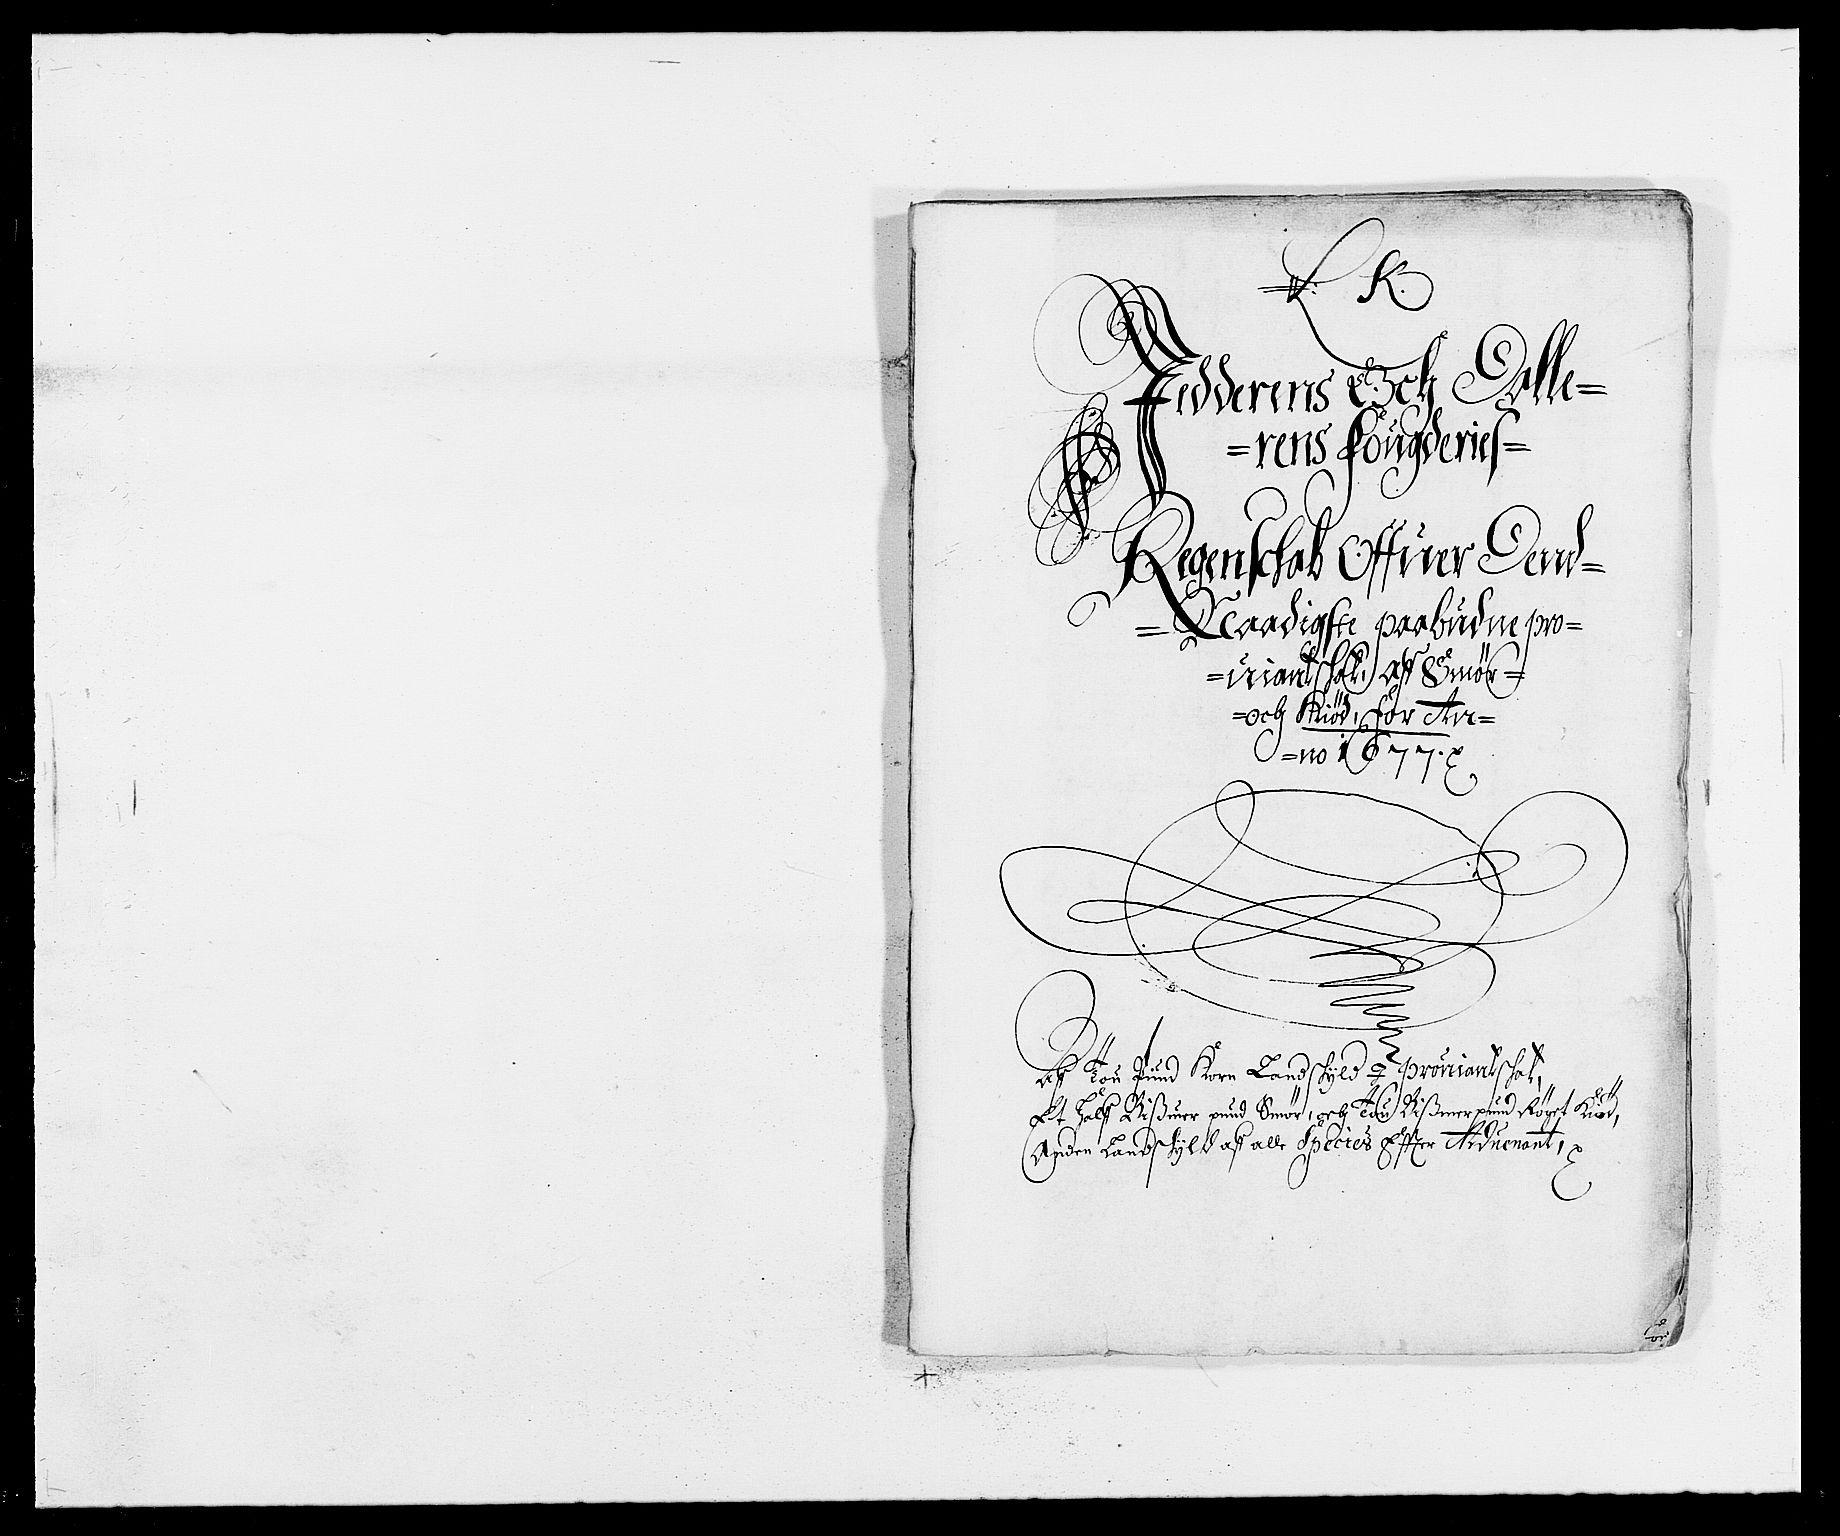 RA, Rentekammeret inntil 1814, Reviderte regnskaper, Fogderegnskap, R46/L2717: Fogderegnskap Jæren og Dalane, 1677, s. 277